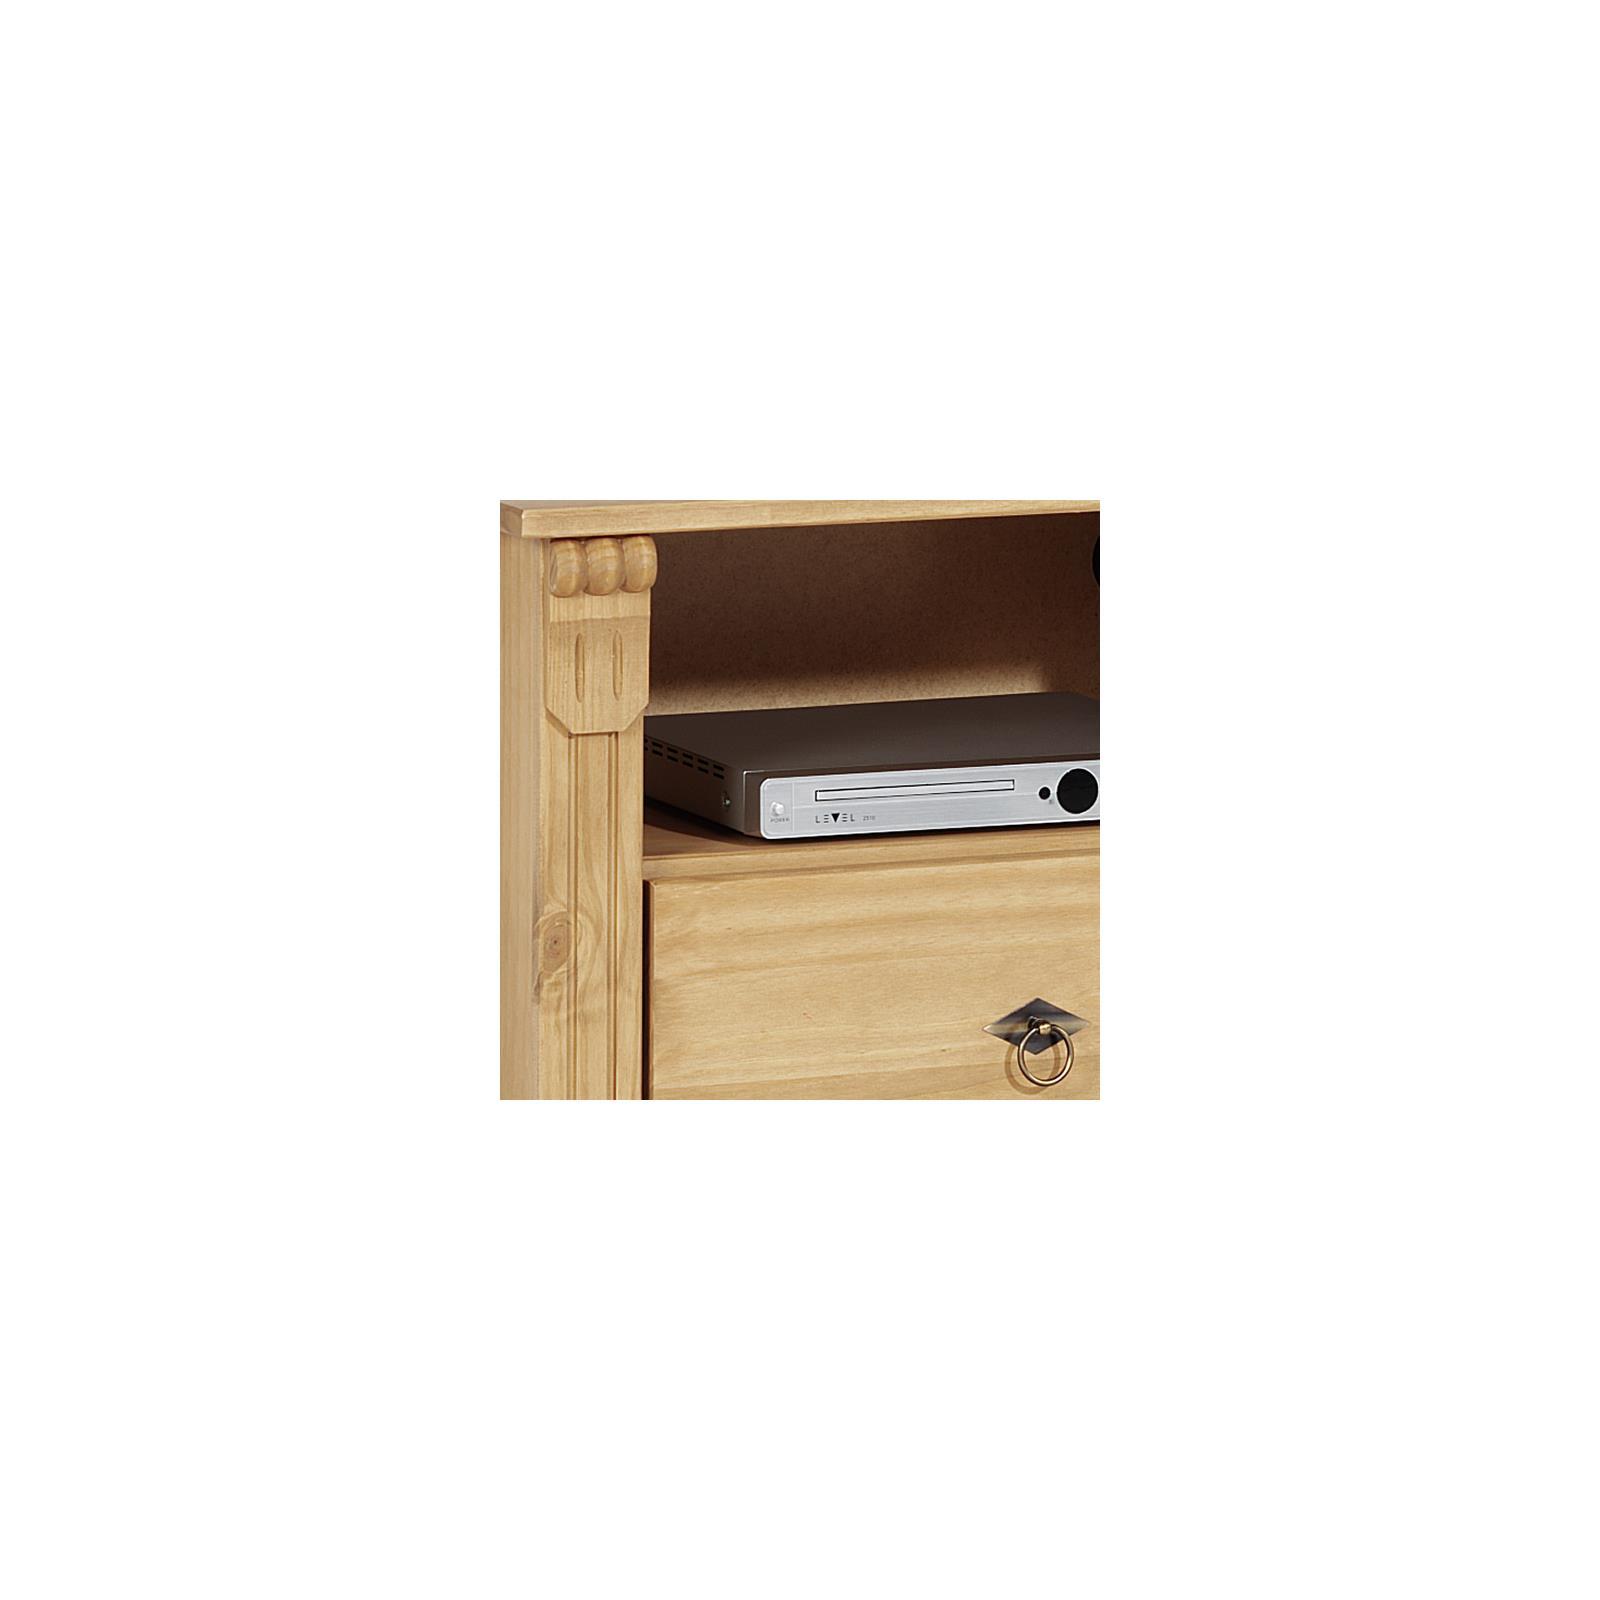 Meuble tv en pin bologna finition cir e mobil meubles for Finition meuble